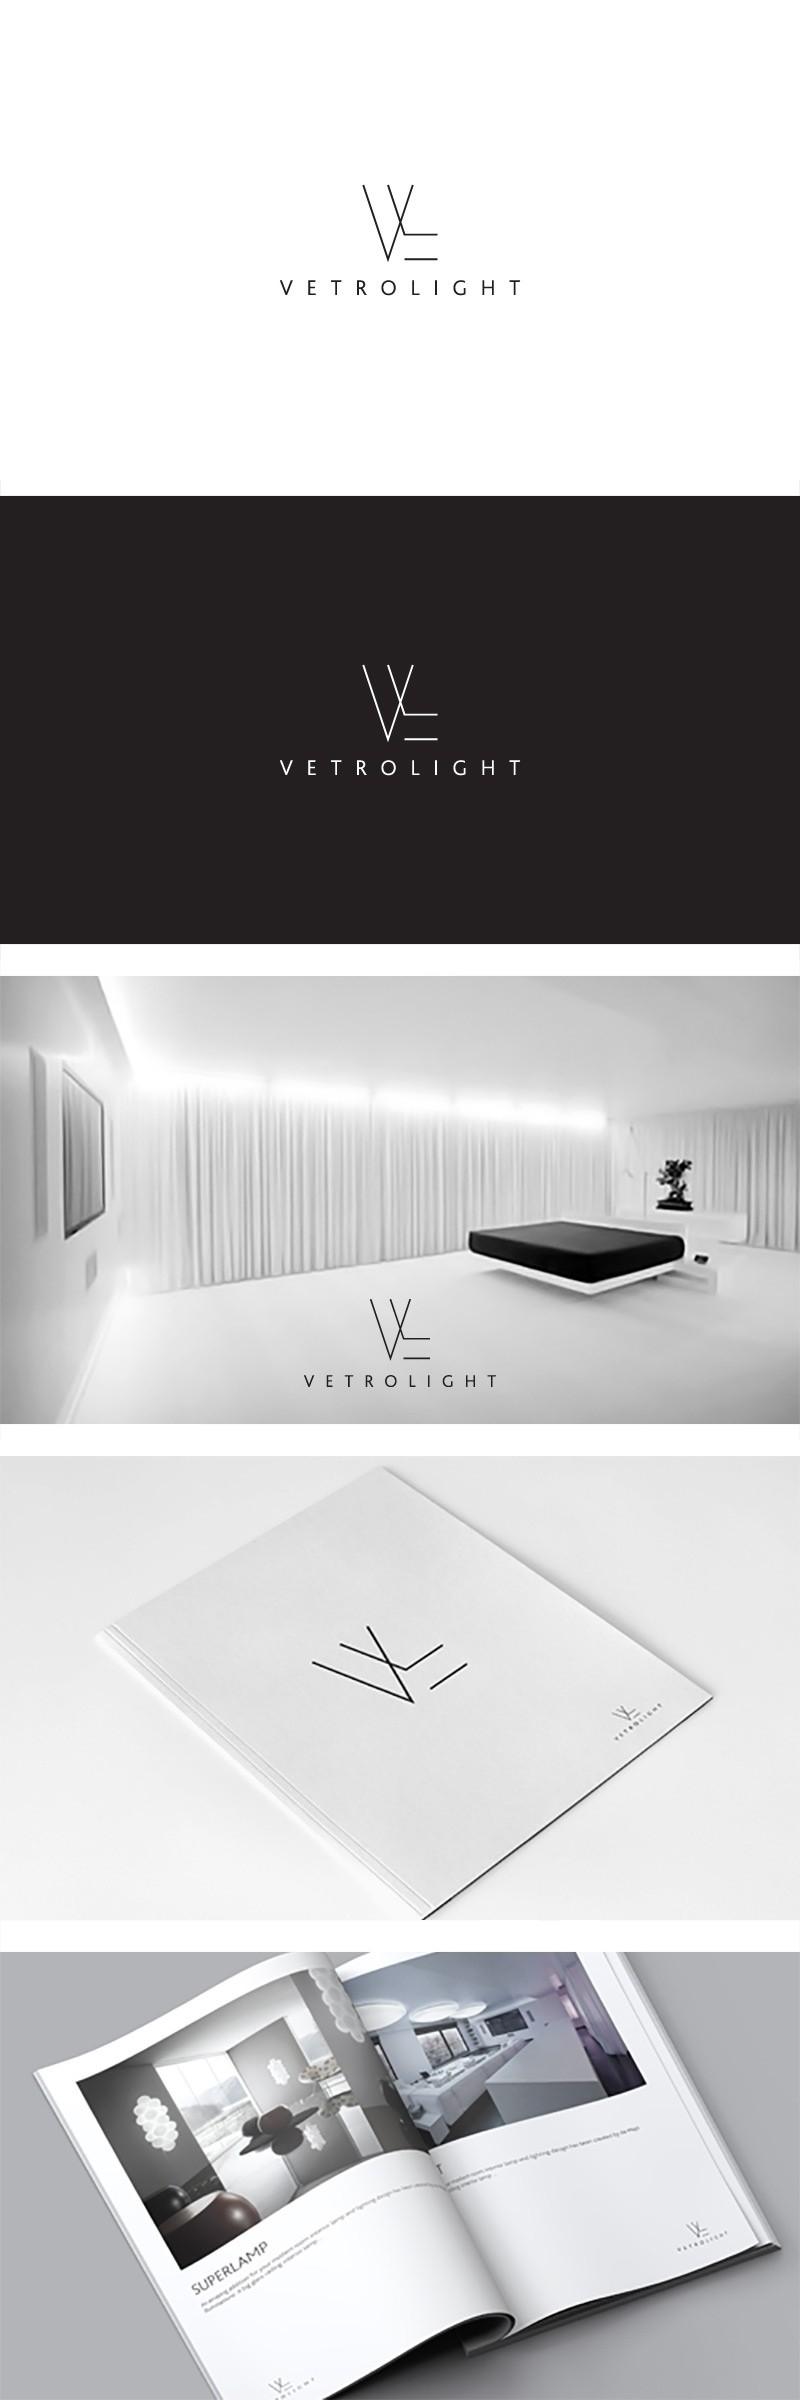 vetrolight1